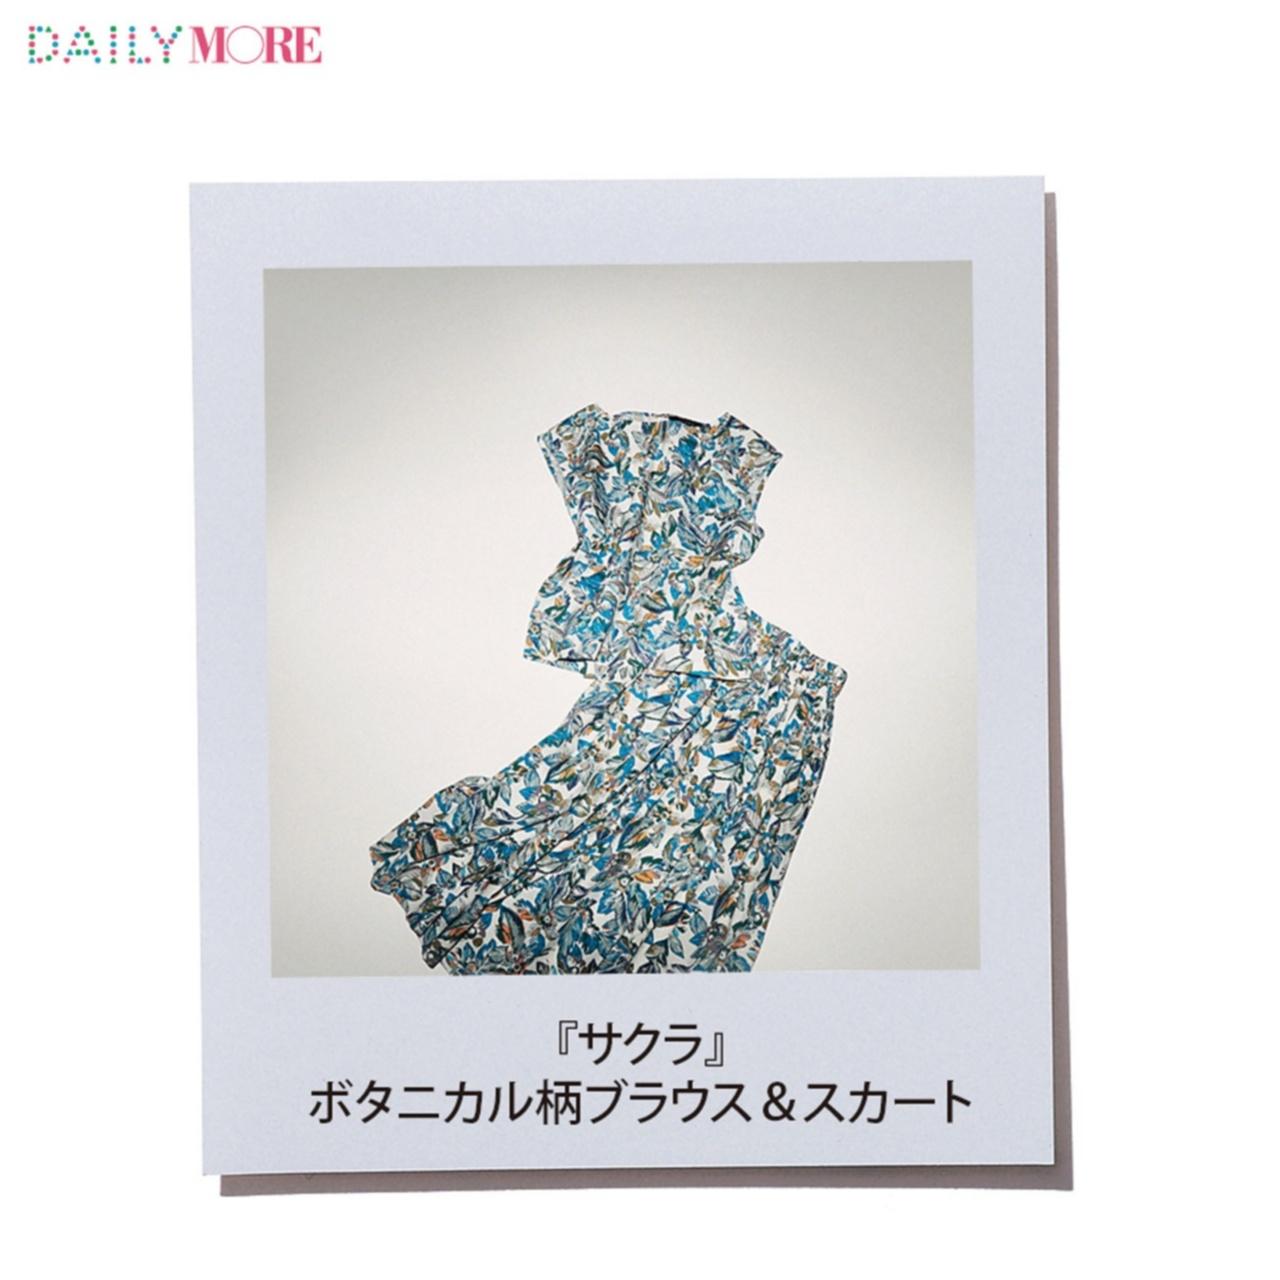 """""""隠れた名品""""あなたは知ってた? 人気ブランドの「実は売れてる服」まとめ♡_1_2"""